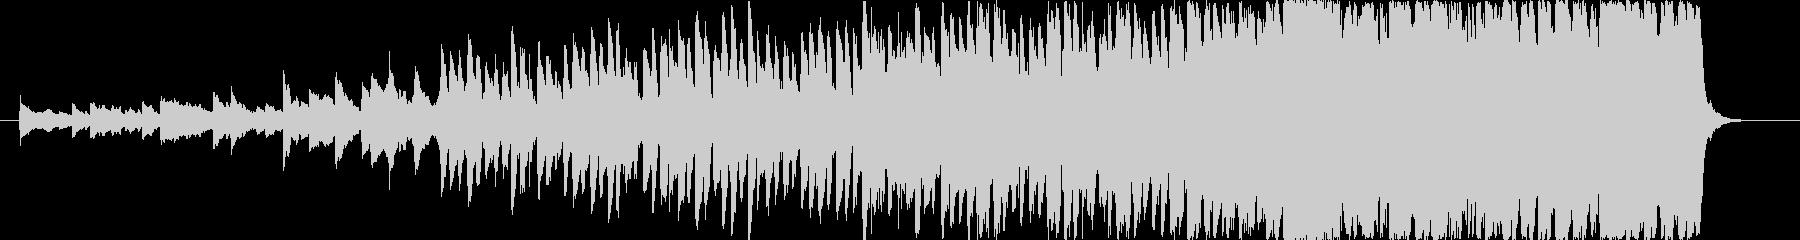 現代的 交響曲 実験的な アンビエ...の未再生の波形